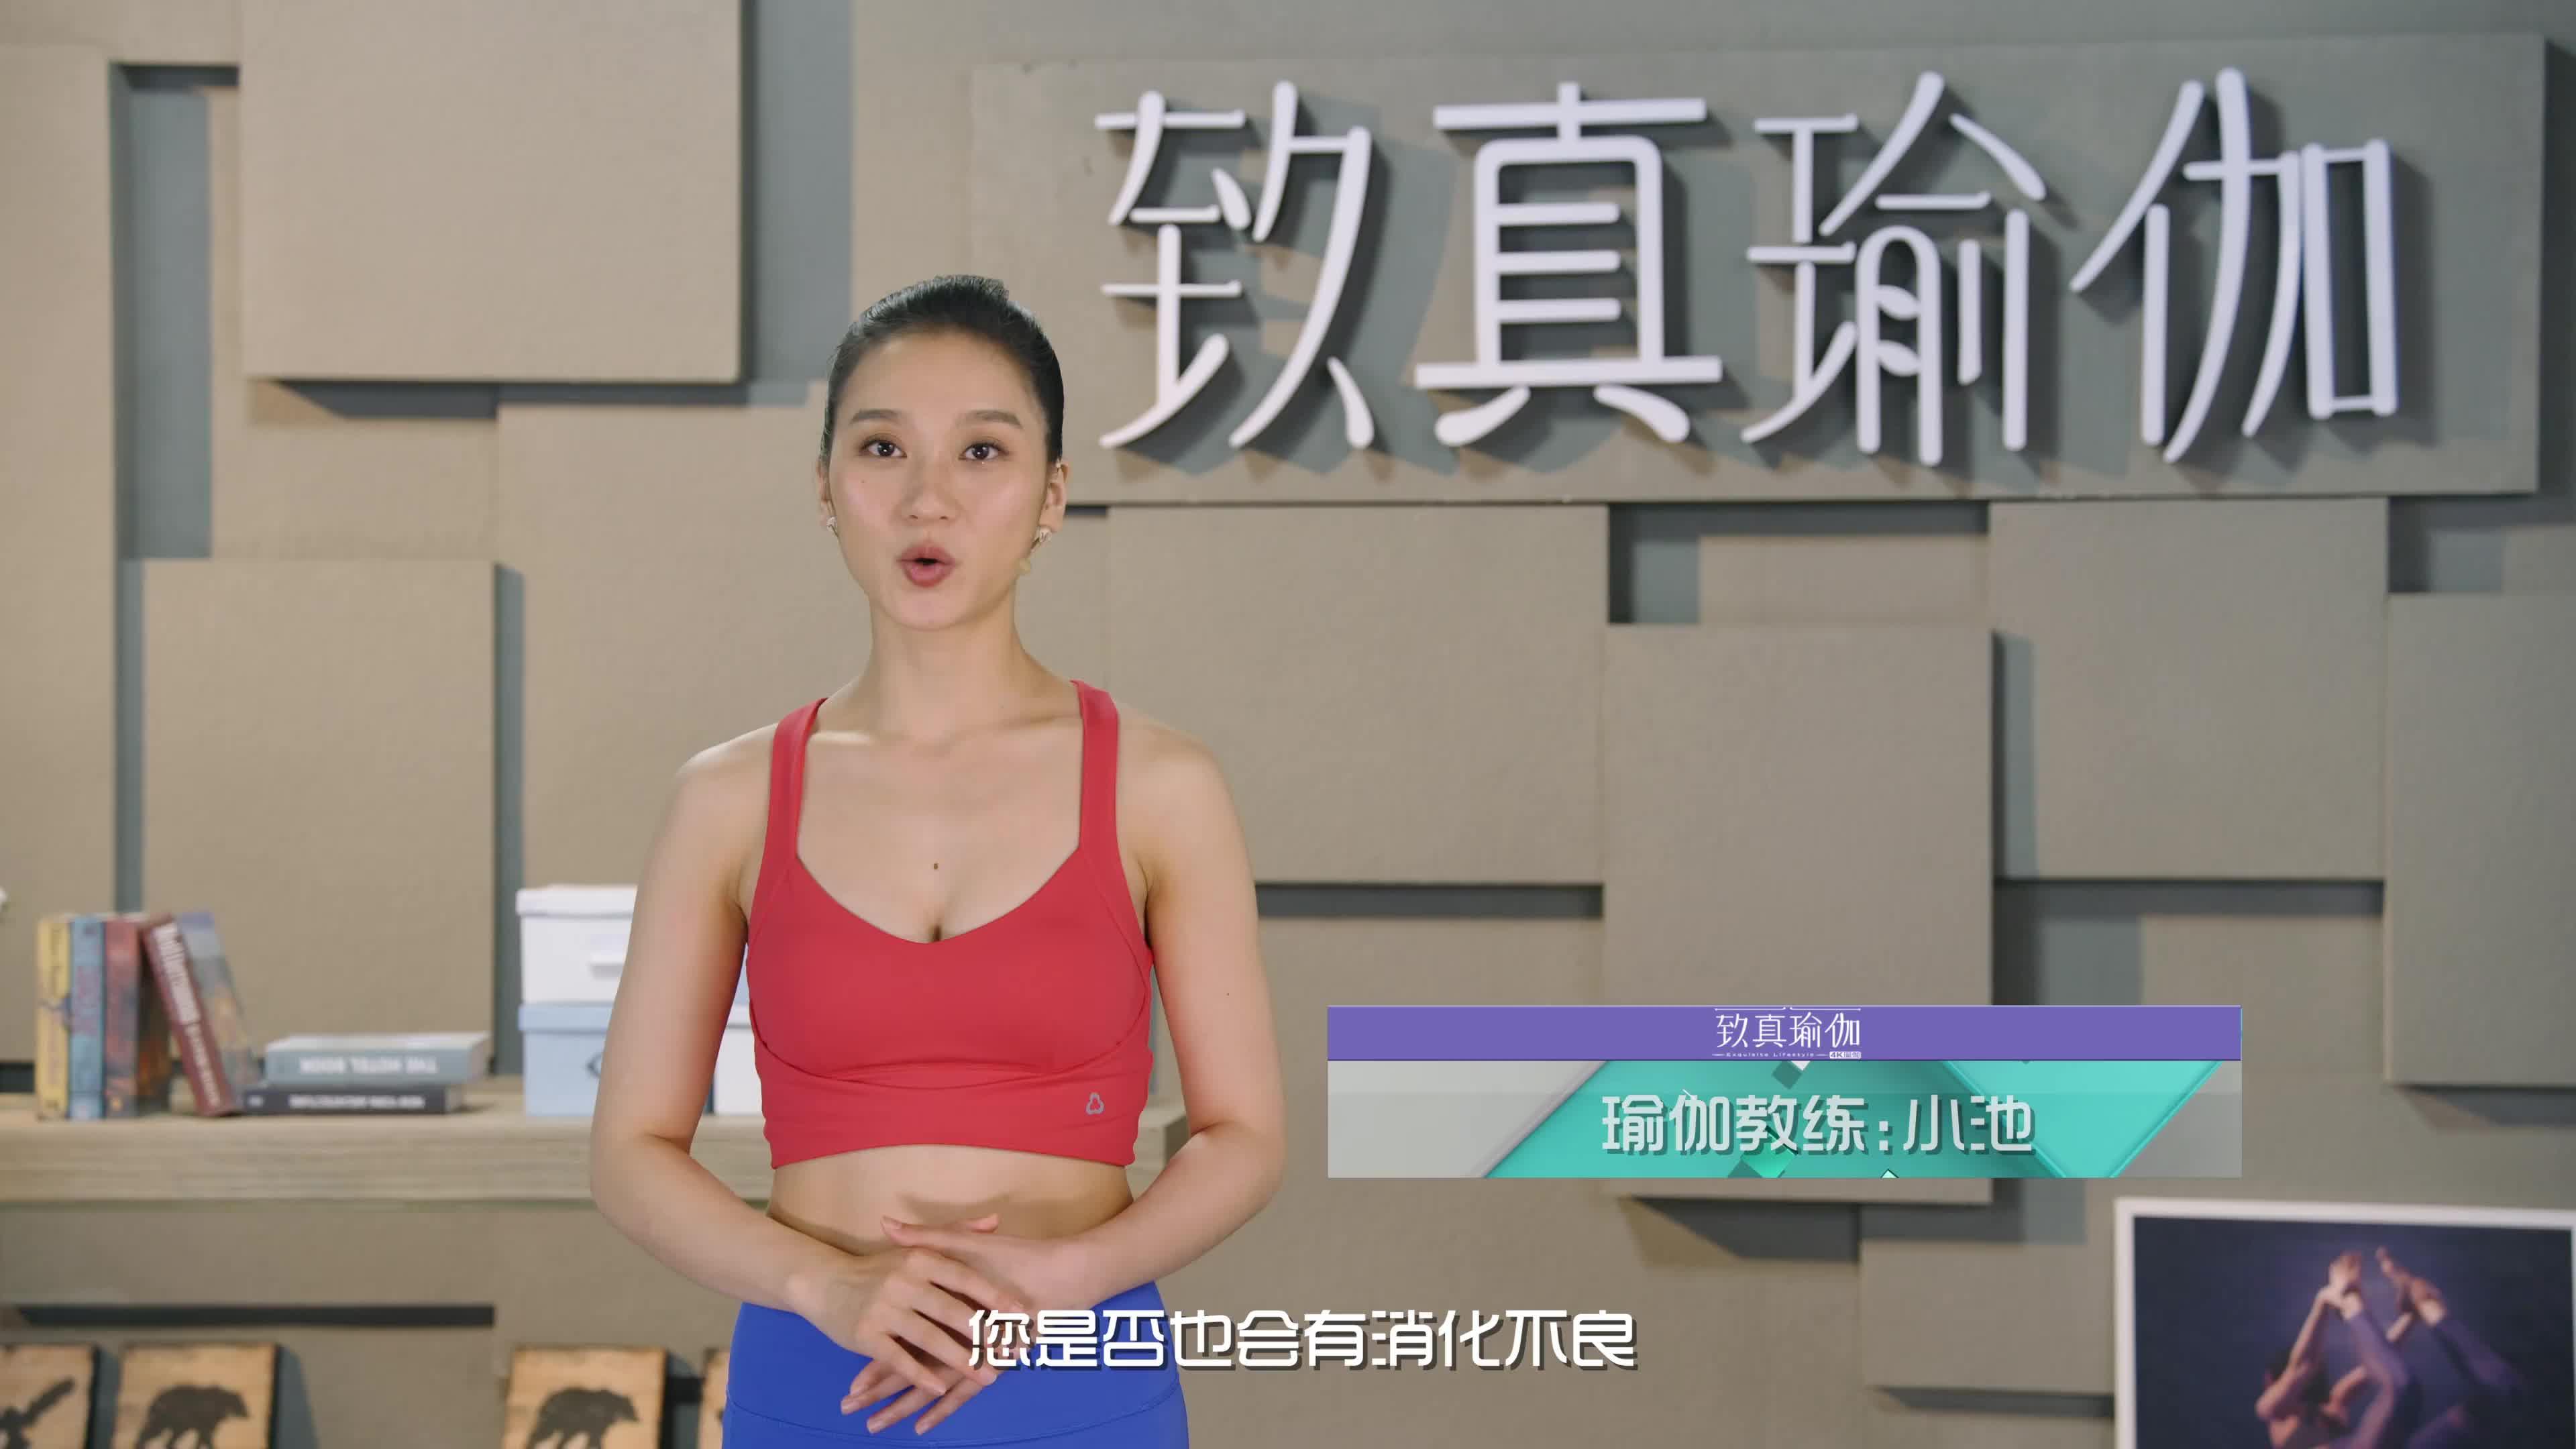 致真瑜伽第13季 系列三十五完美体质打造计划 促进肠胃运动